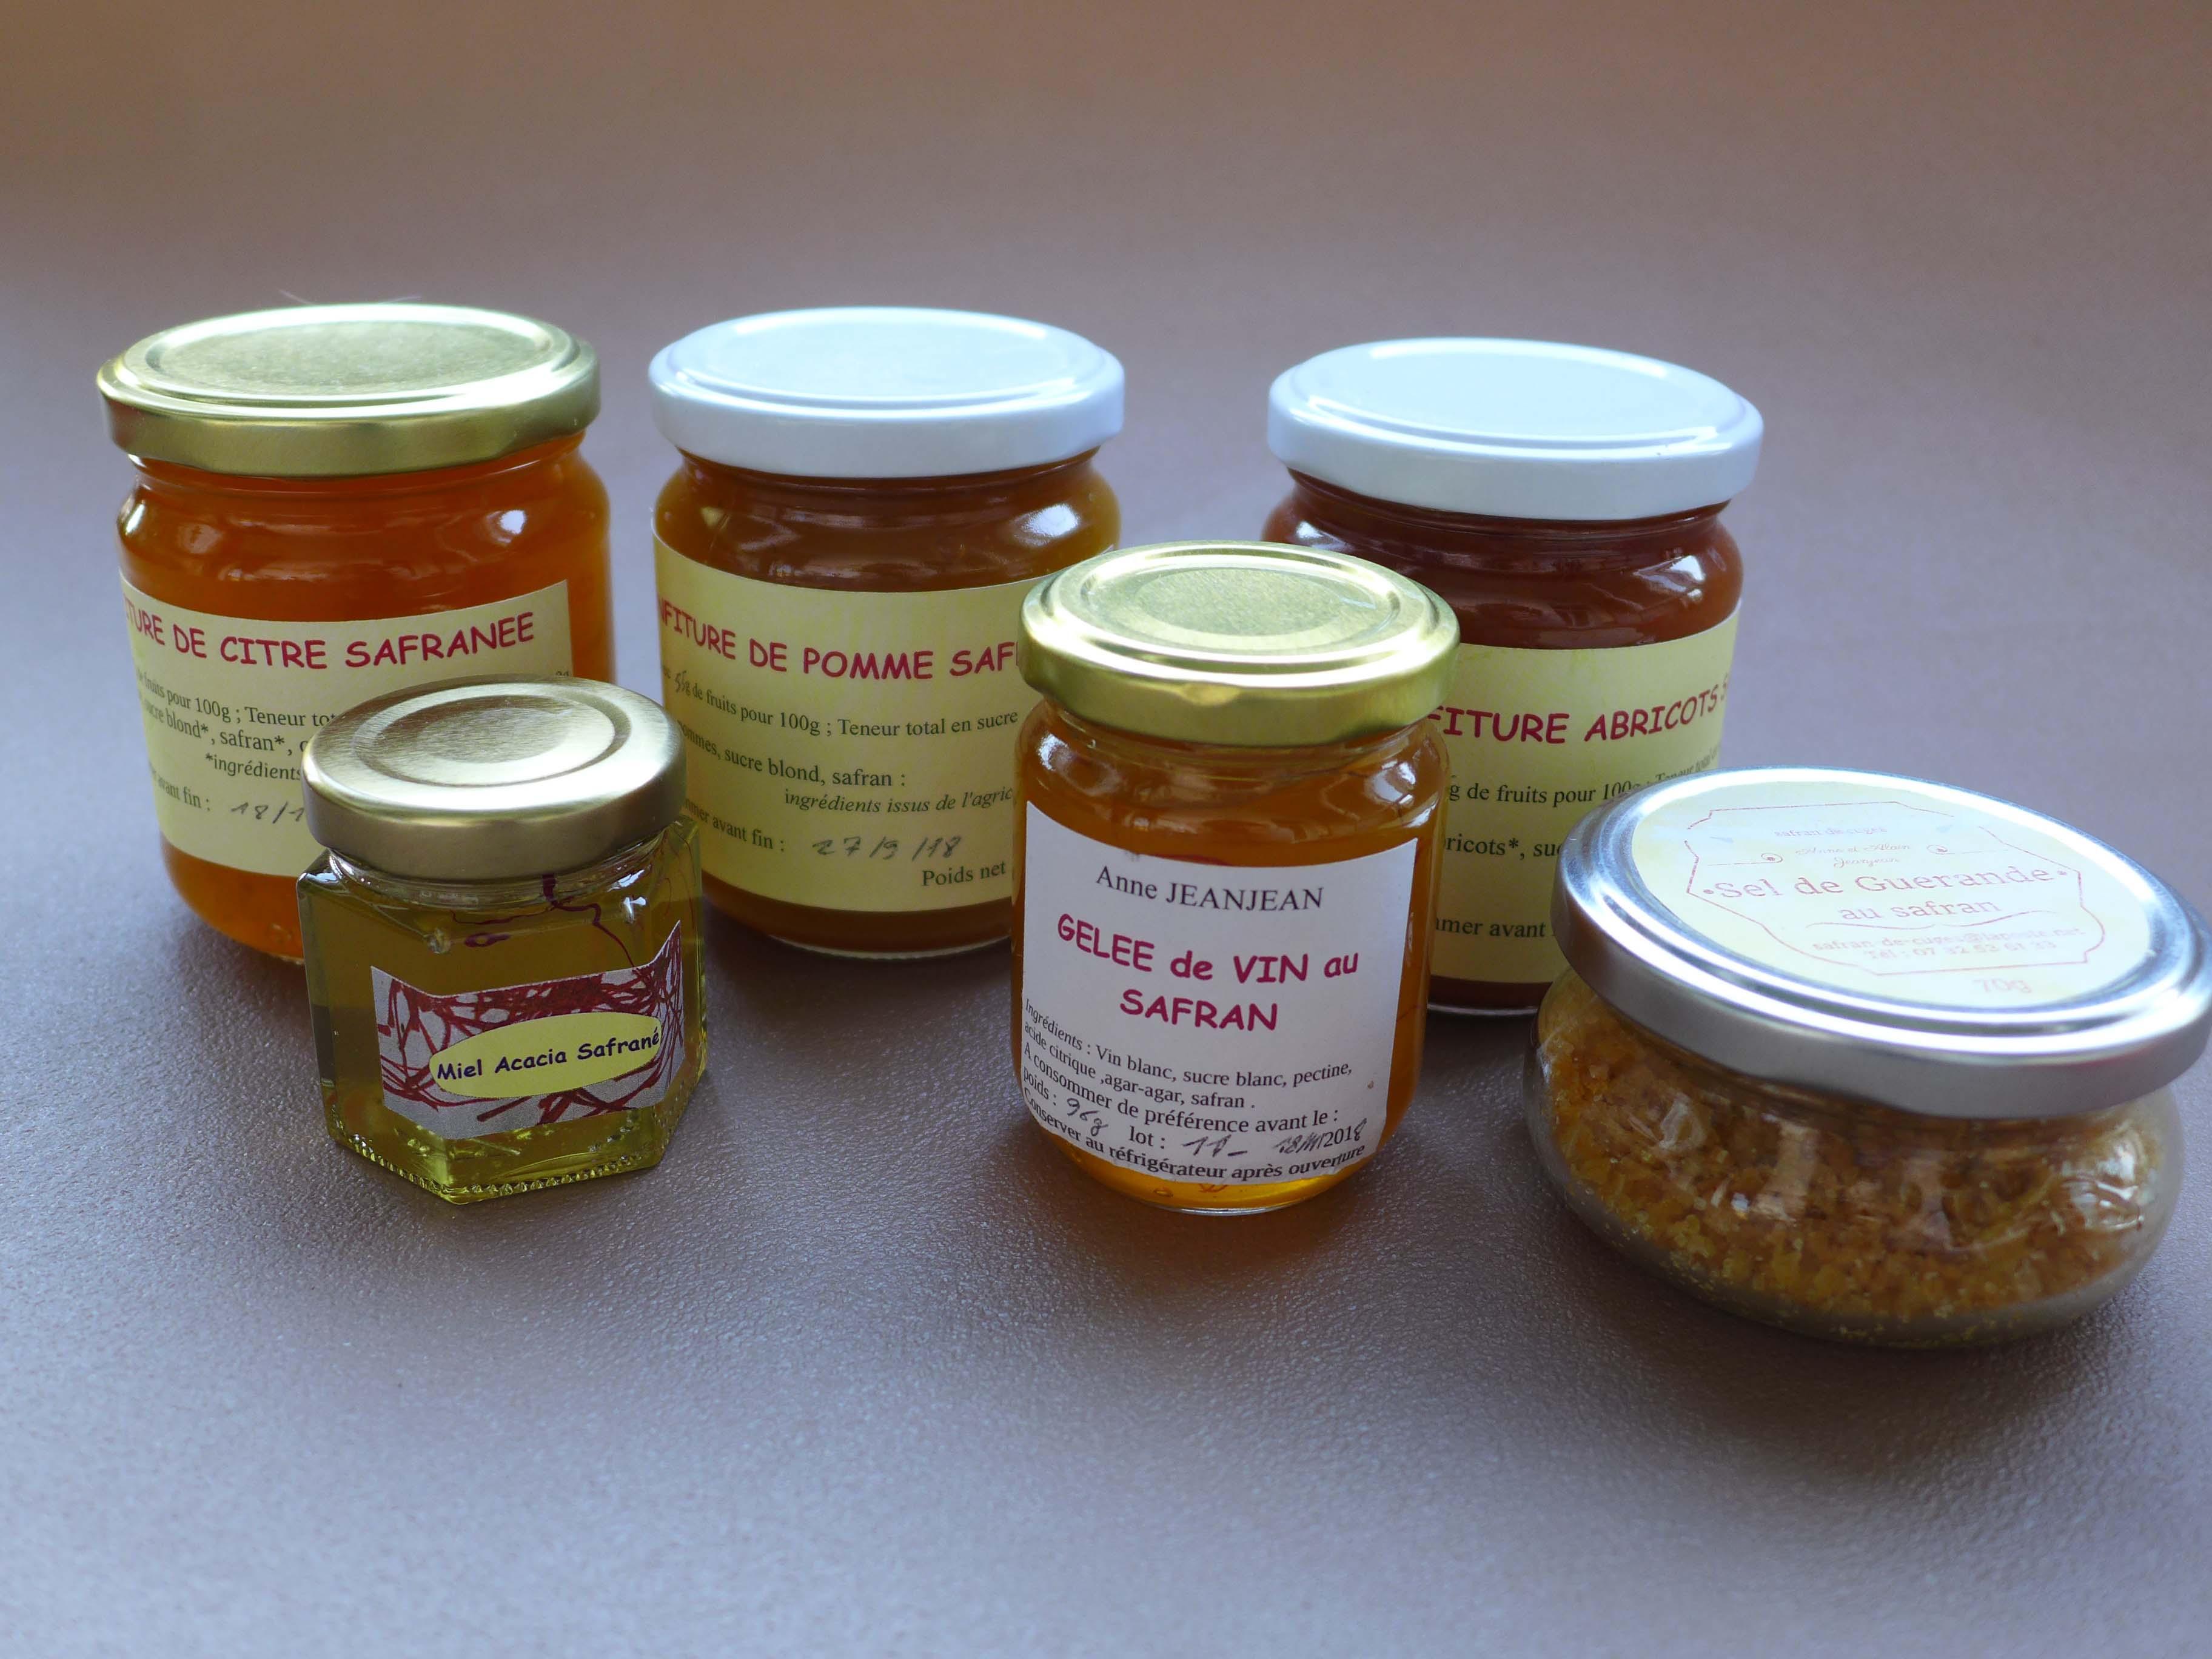 Produits au safran bio de Provence